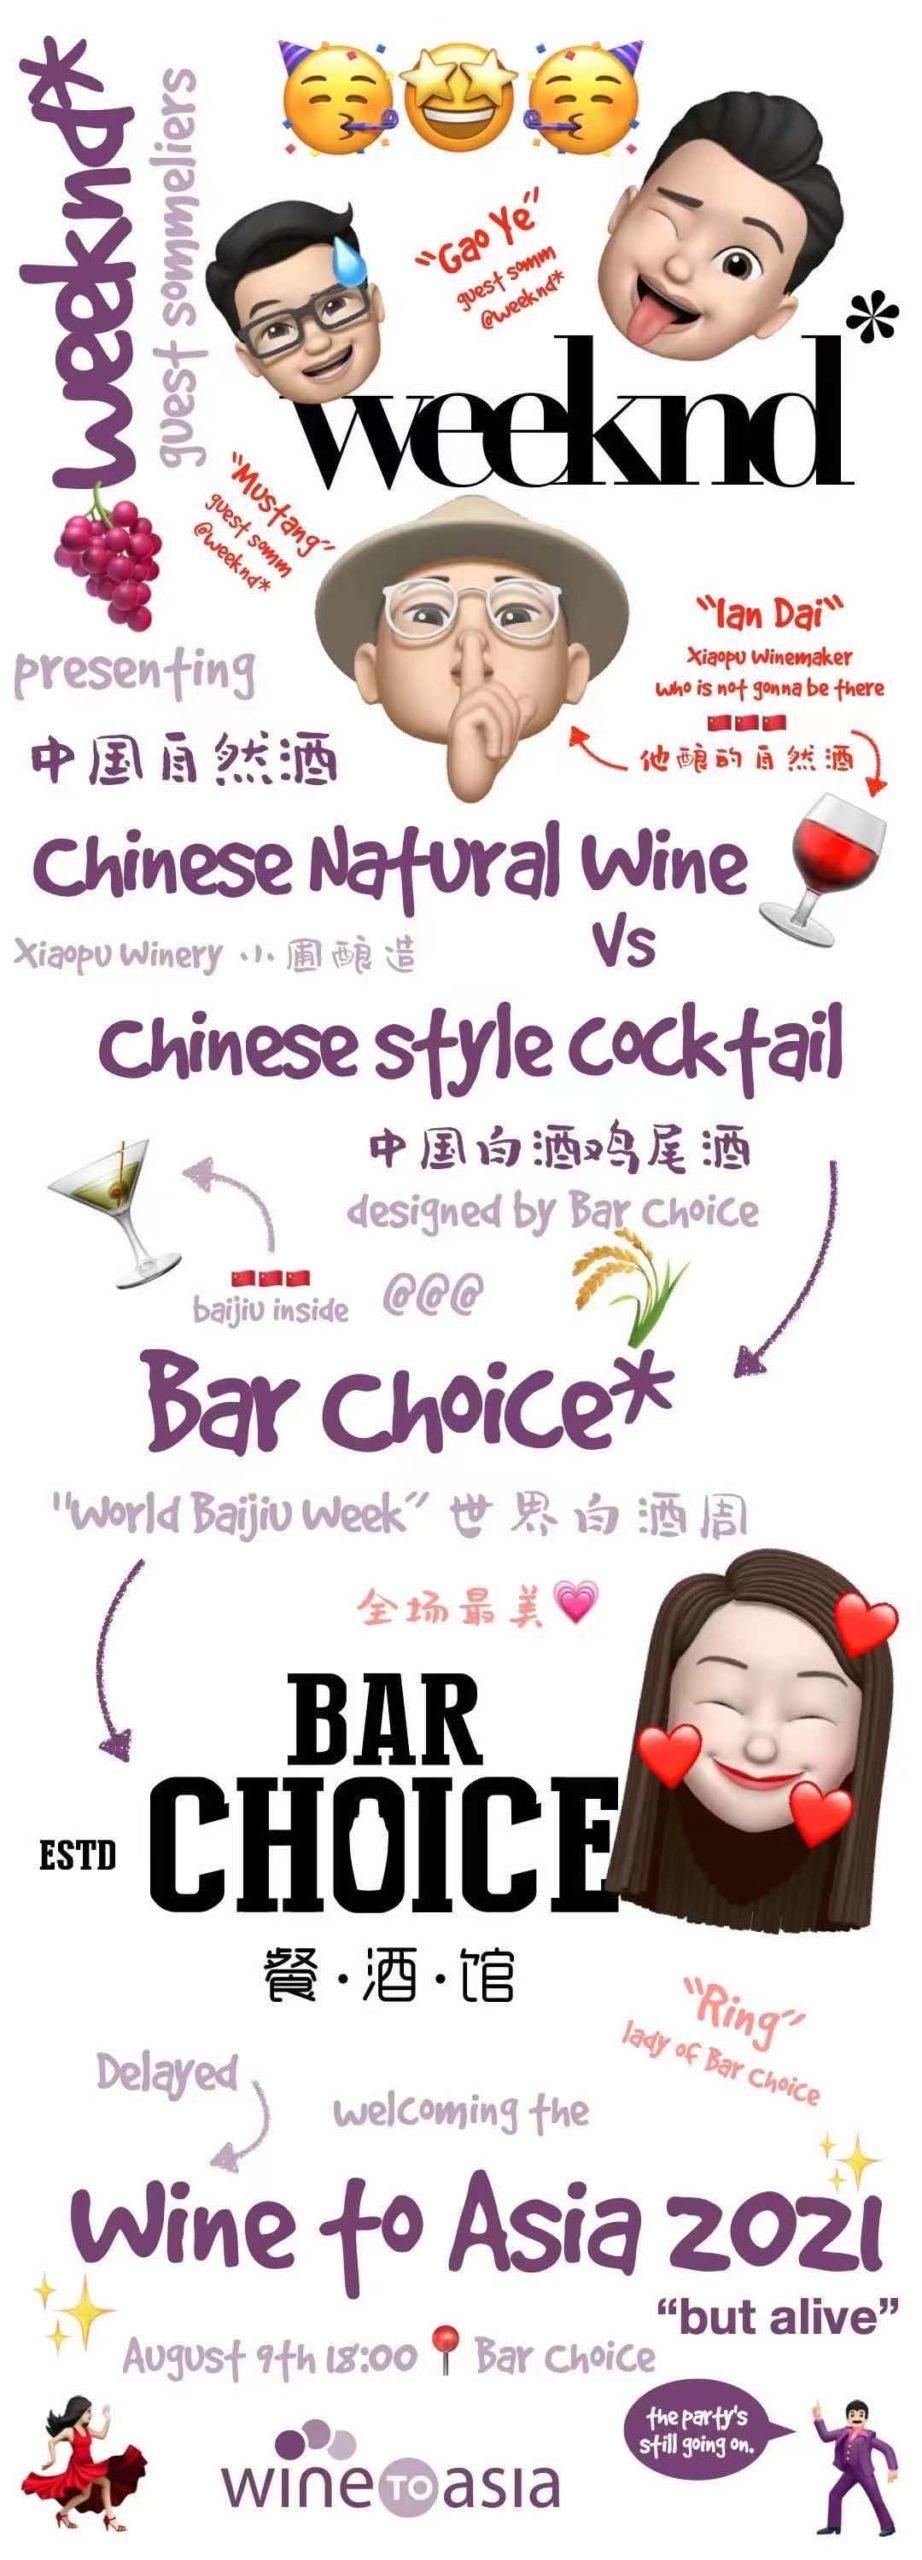 world-baijiu-day-2021-shenzhen-weeknd-cocktail